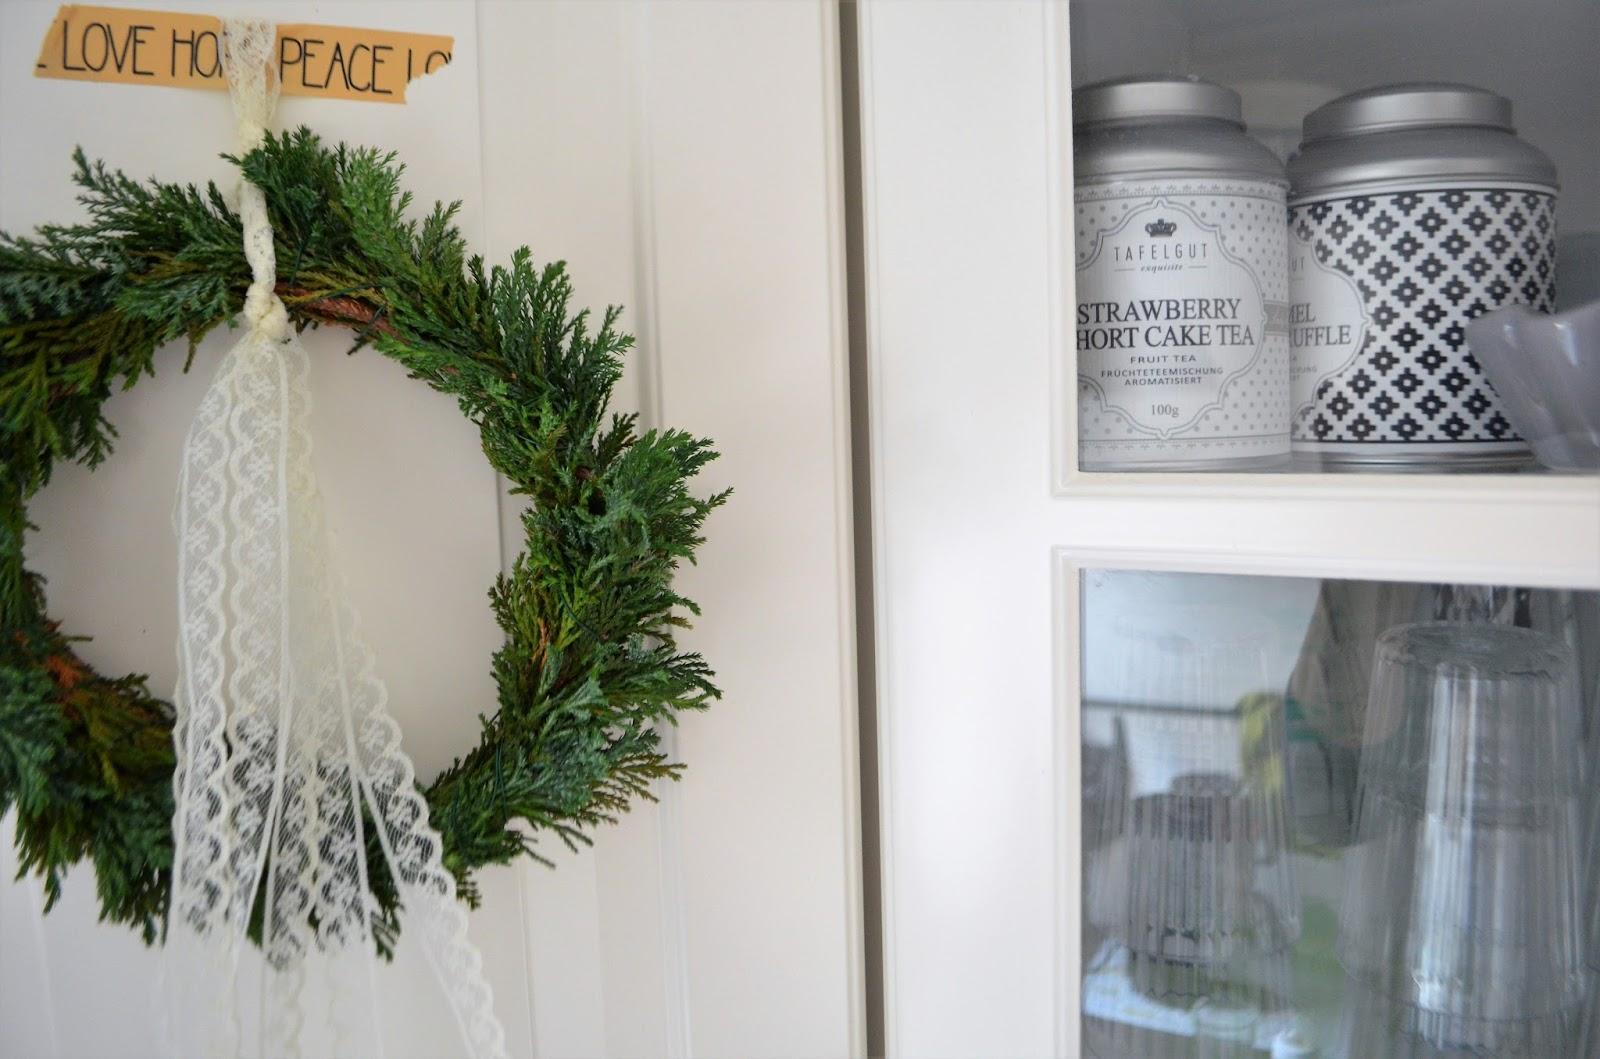 erstaunlich Schnelle Weihnachtsdeko Part - 14: Oder noch einfacher: Nehmt eine künstliche Girlande und legt diese auf die  Dunstabzugshaube. Wenn Ihr noch ein paar Buchsbaumzweige in die Girlande  steckt, ...